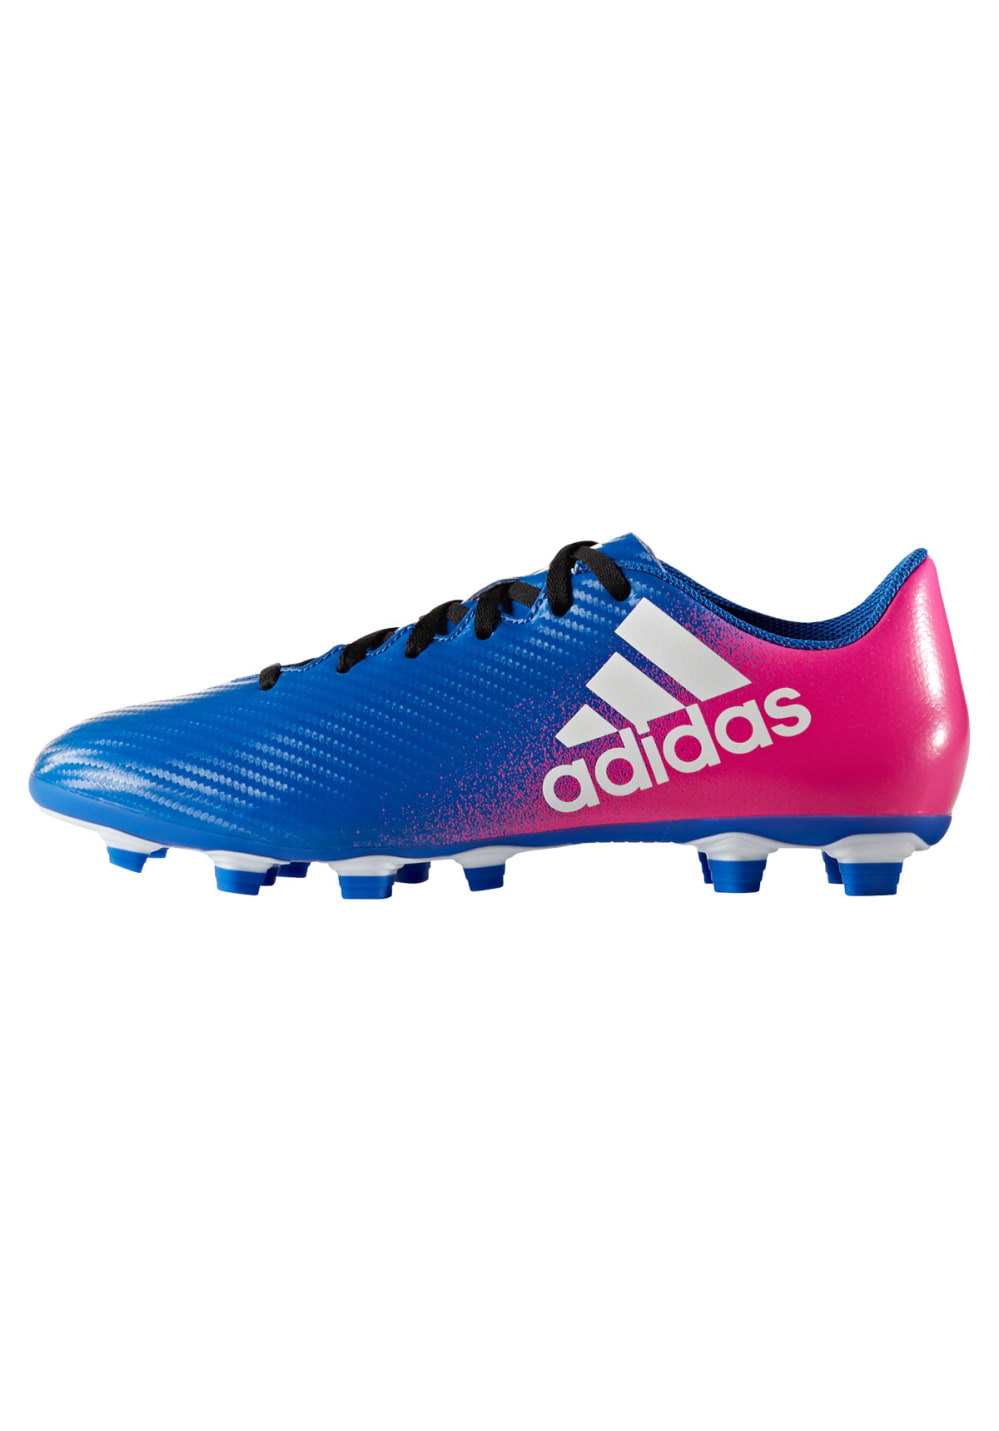 adidas X16.4 FxG Herren Fußballschuhe |